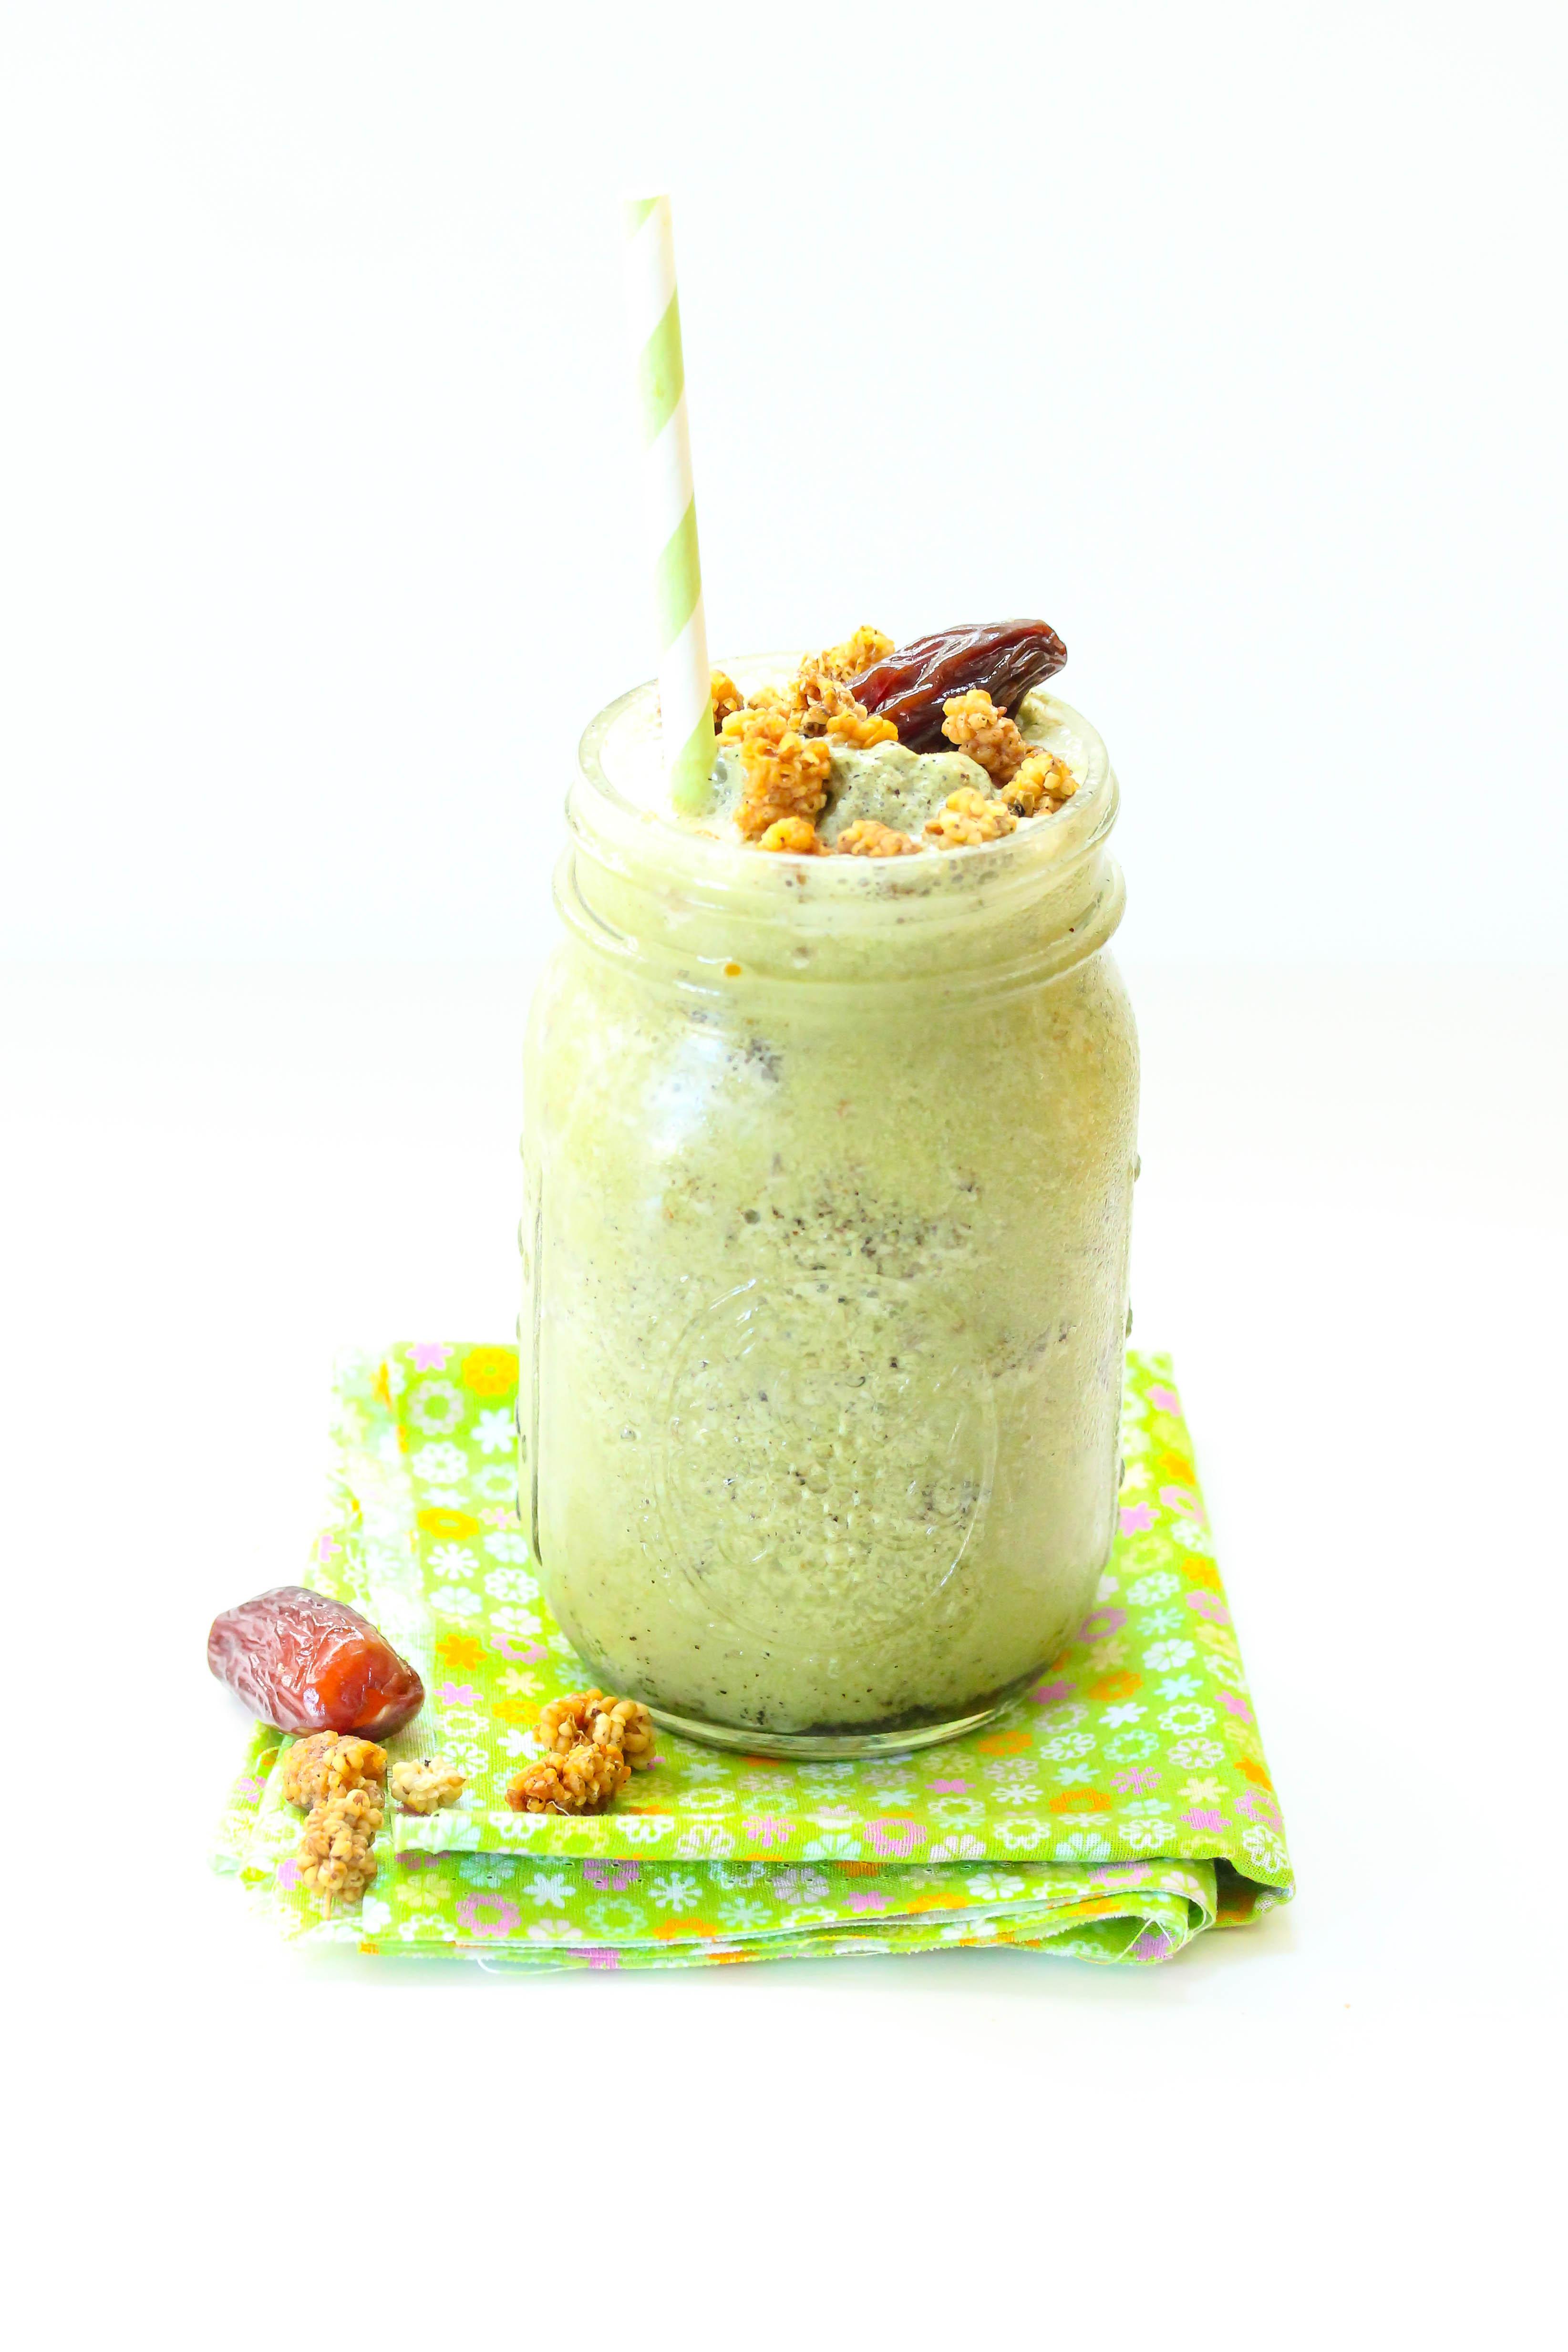 Green tea powder smoothie